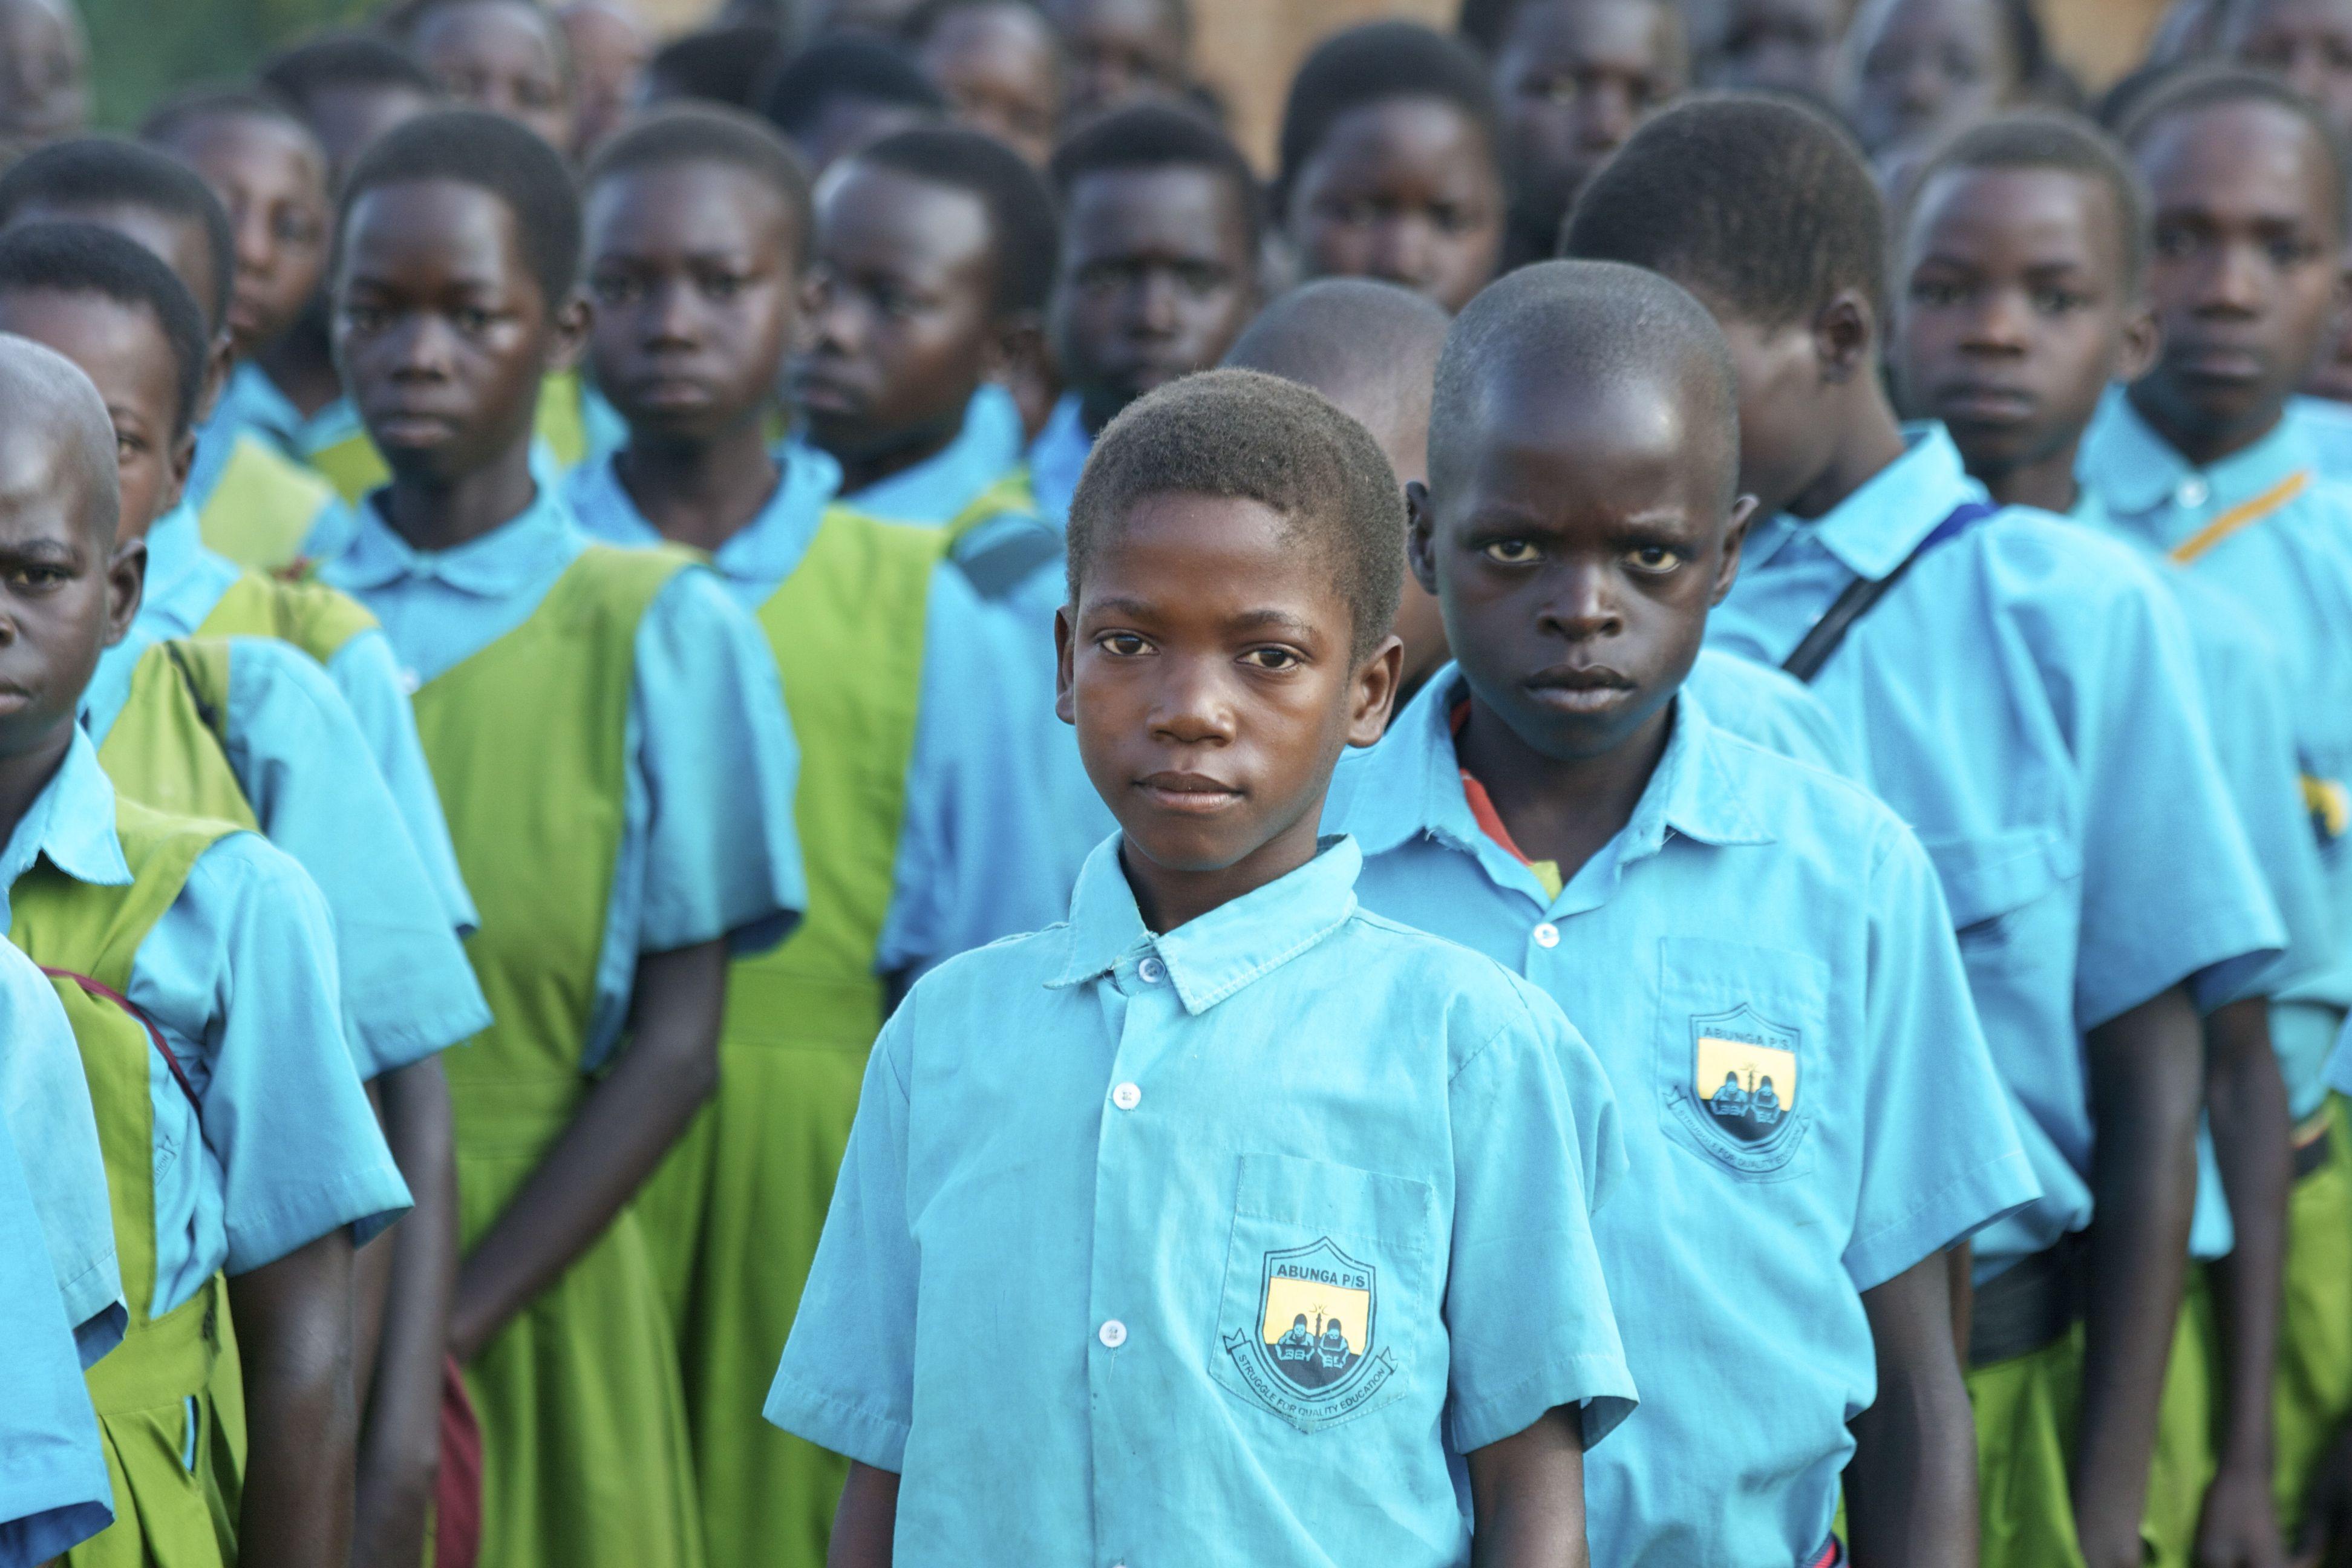 Onze opnamen in Oeganda (2013) Foto: Dennis Brussaard - Dlgr.nl